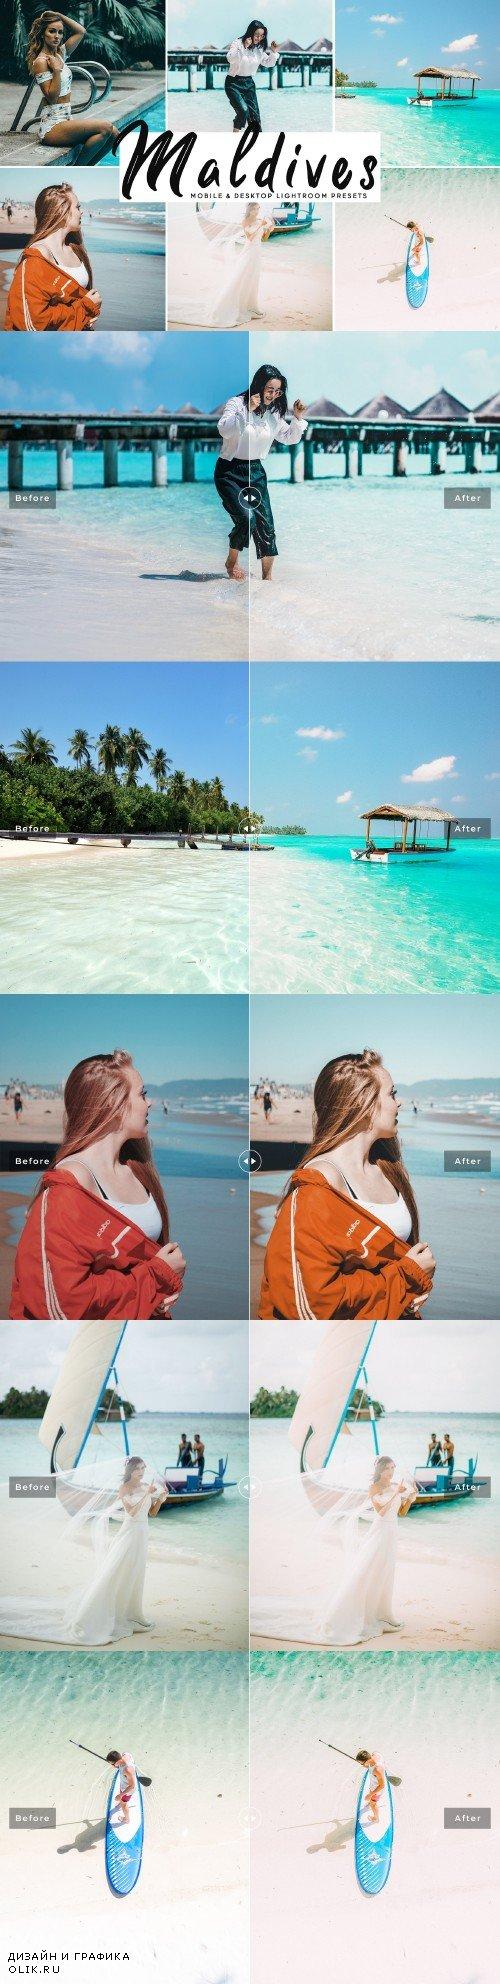 Maldives Lightroom Presets Pack - 3865618